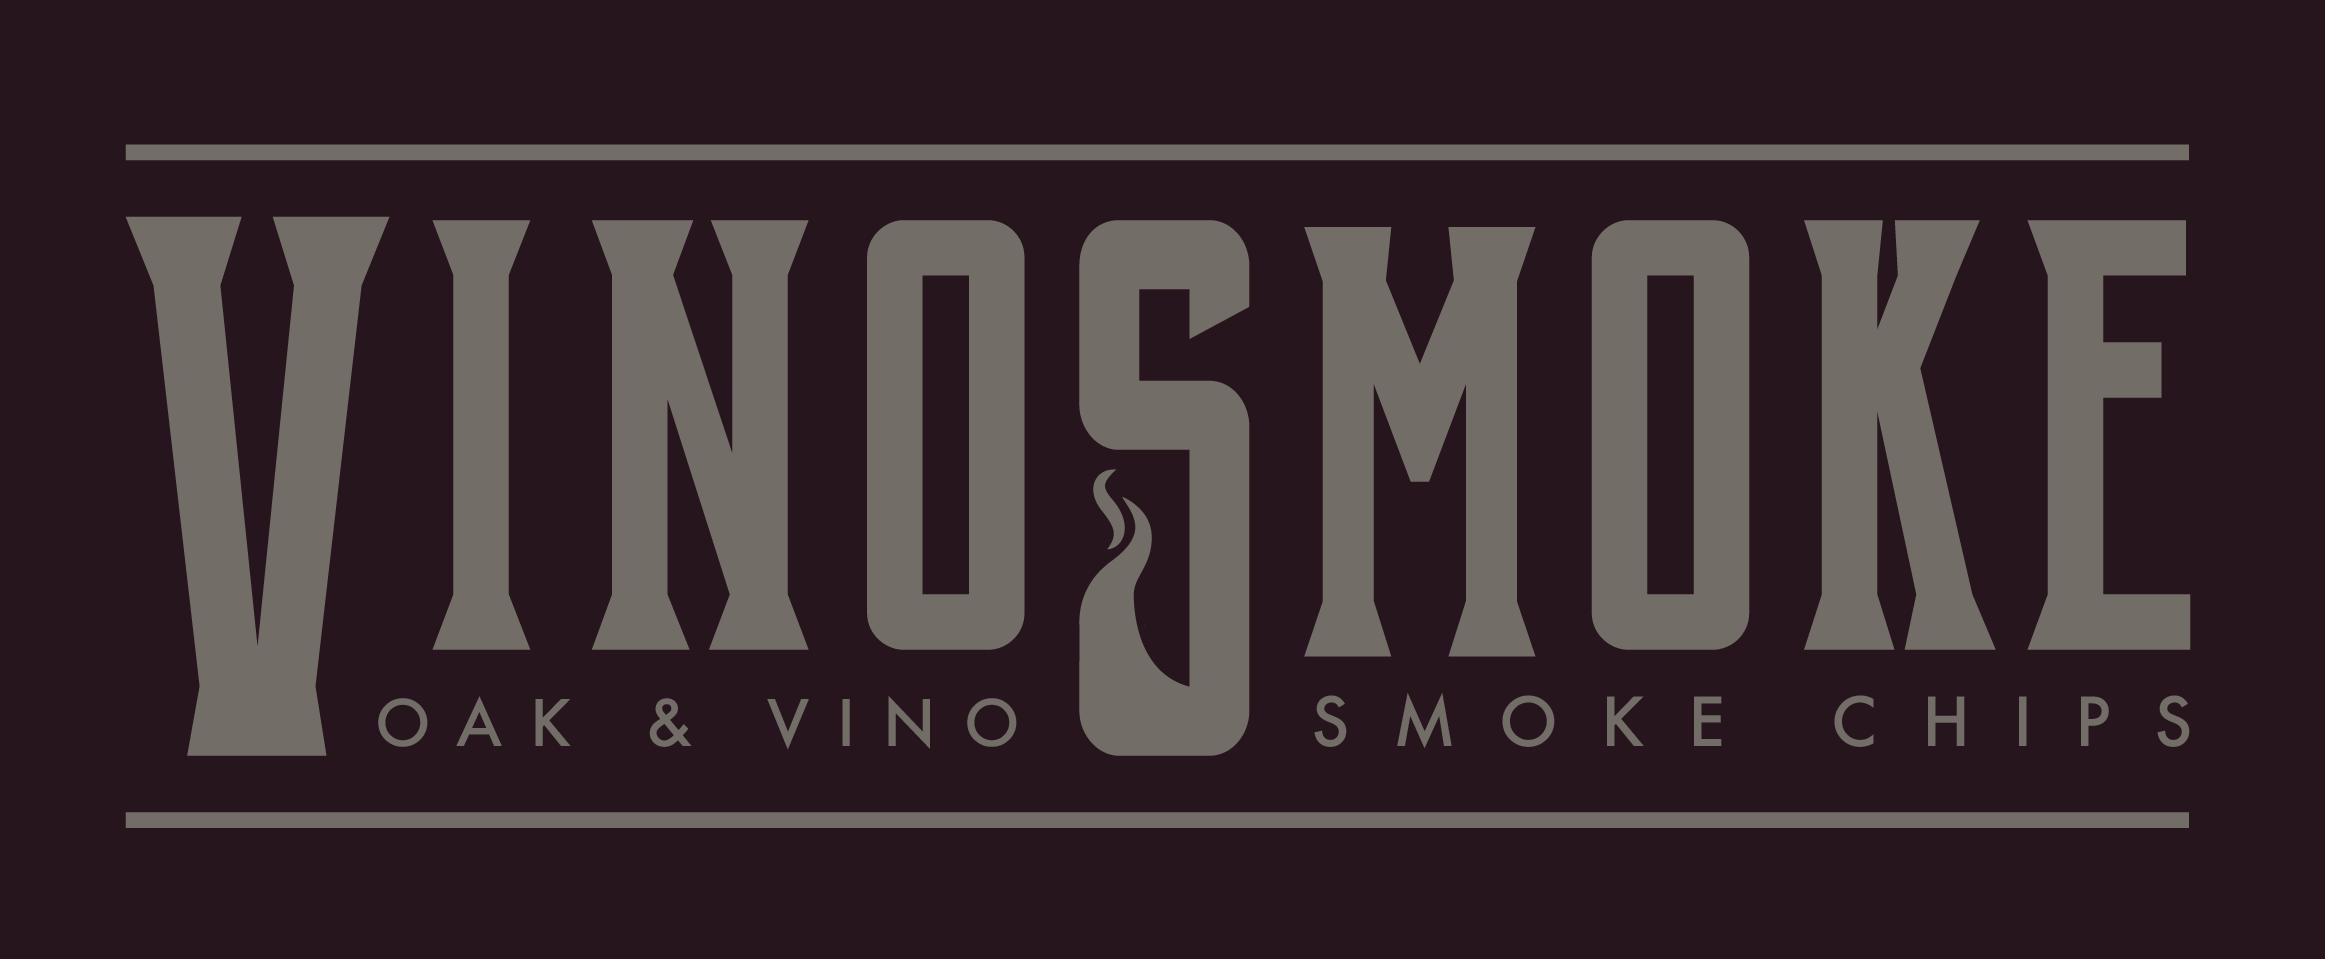 VinoSmoke